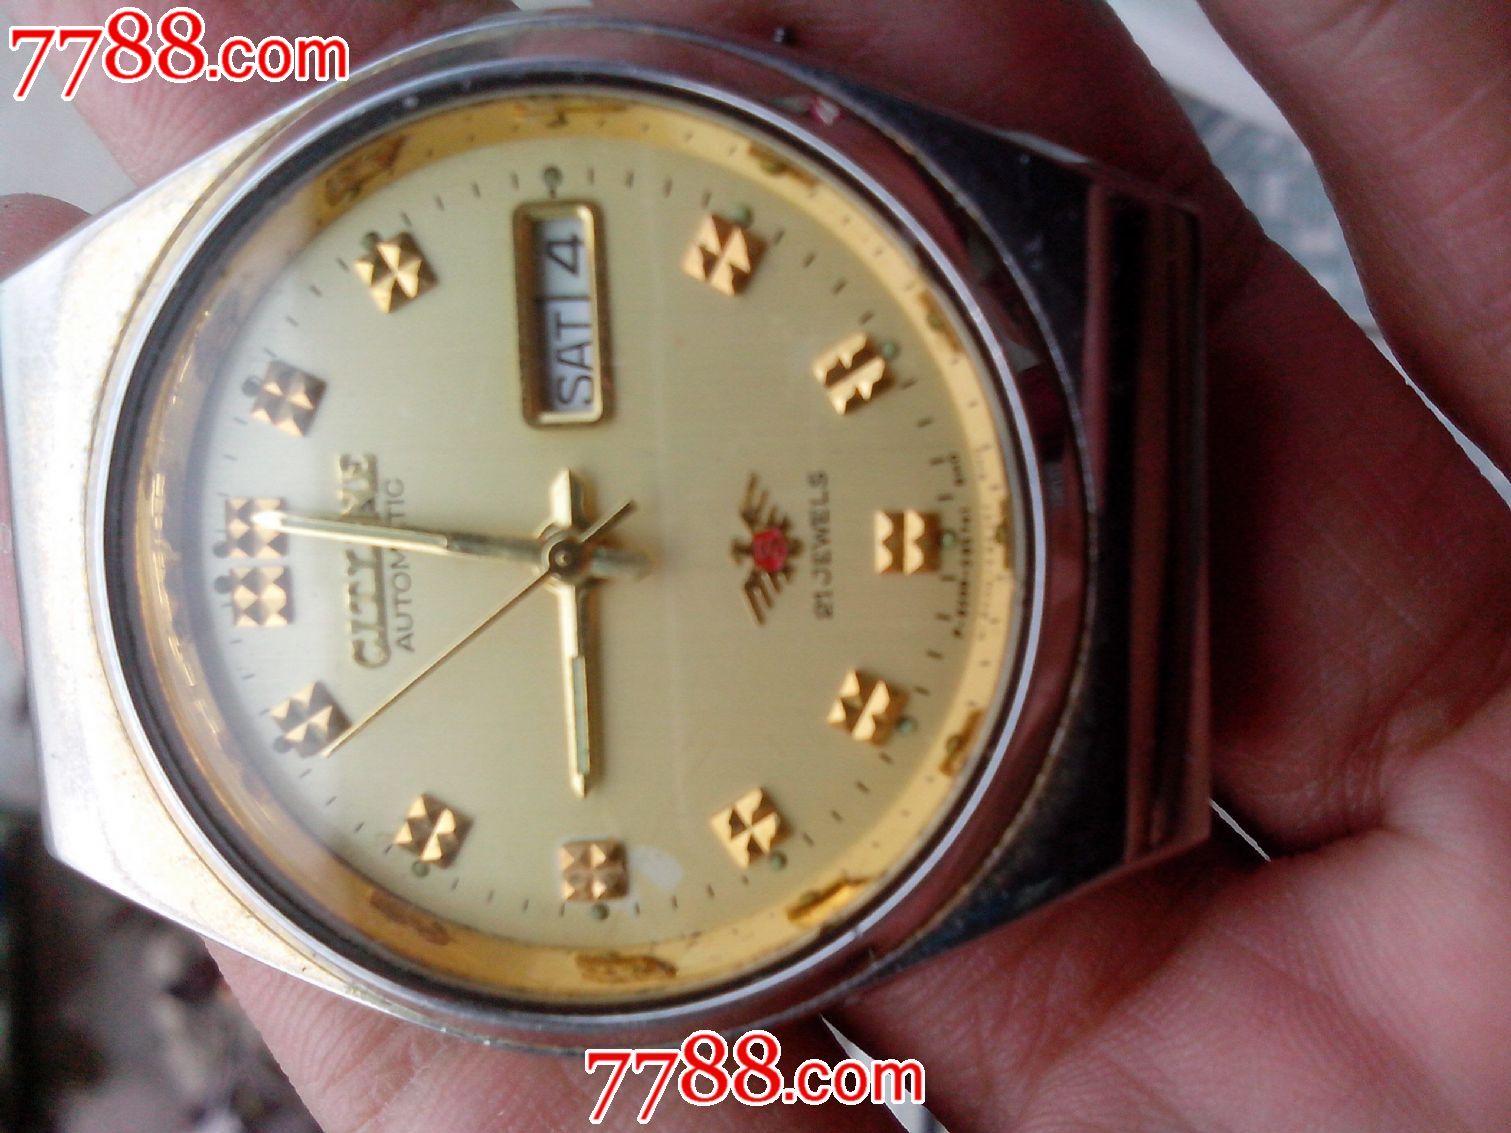 西铁城-se20448939-手表/腕表-零售-7788收藏__中国